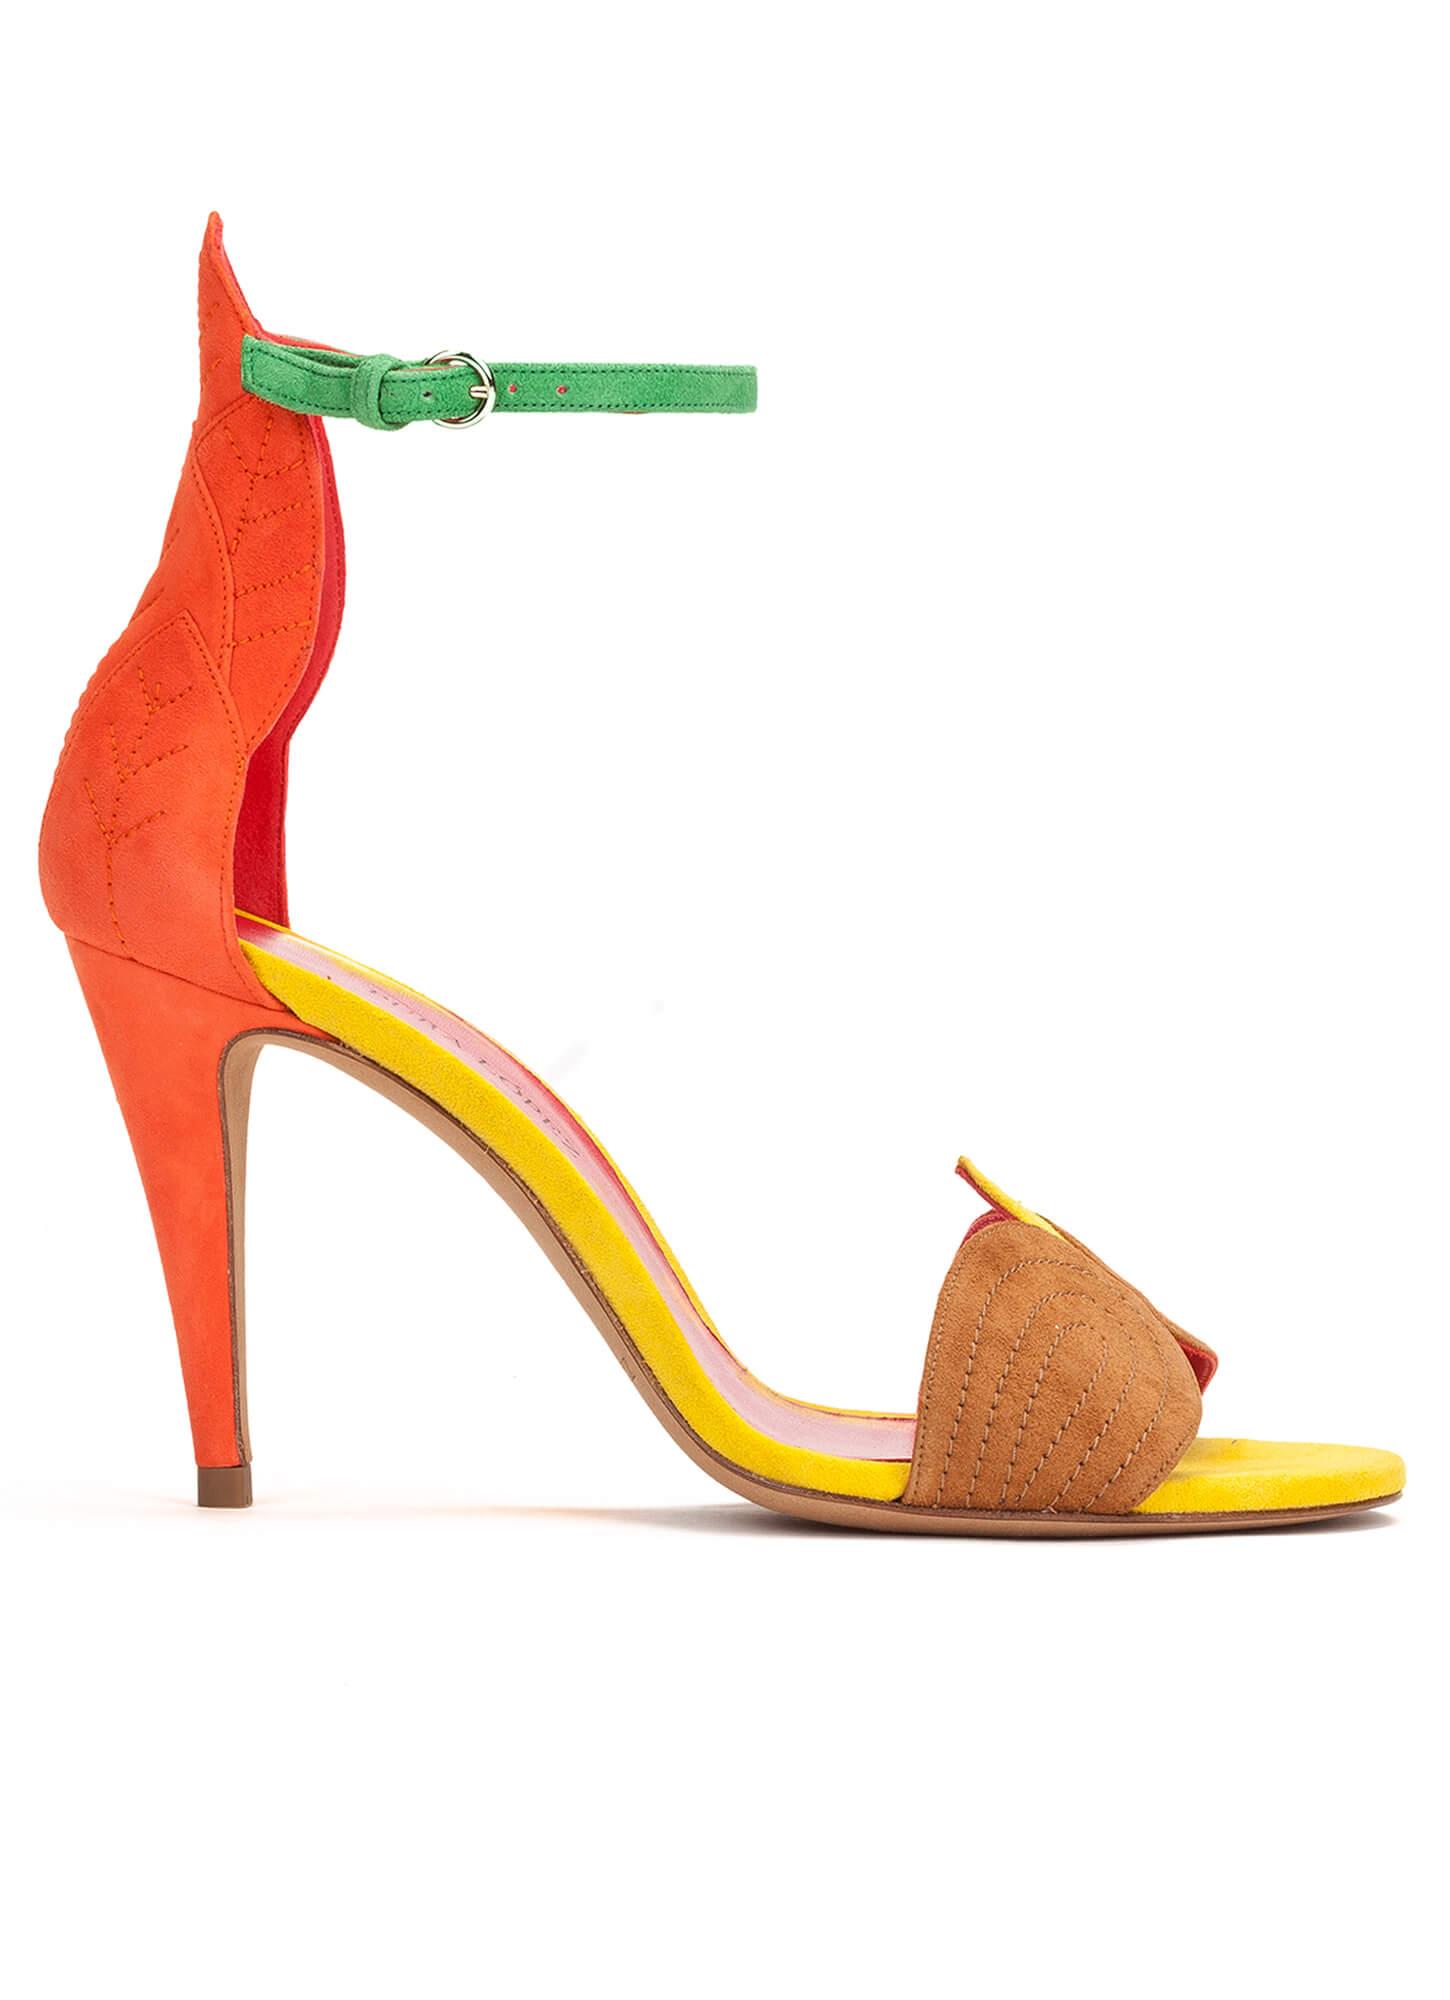 Zapatos Sandalias Pulsera Pura De Alto López Con Tacón Tienda CeBxdo